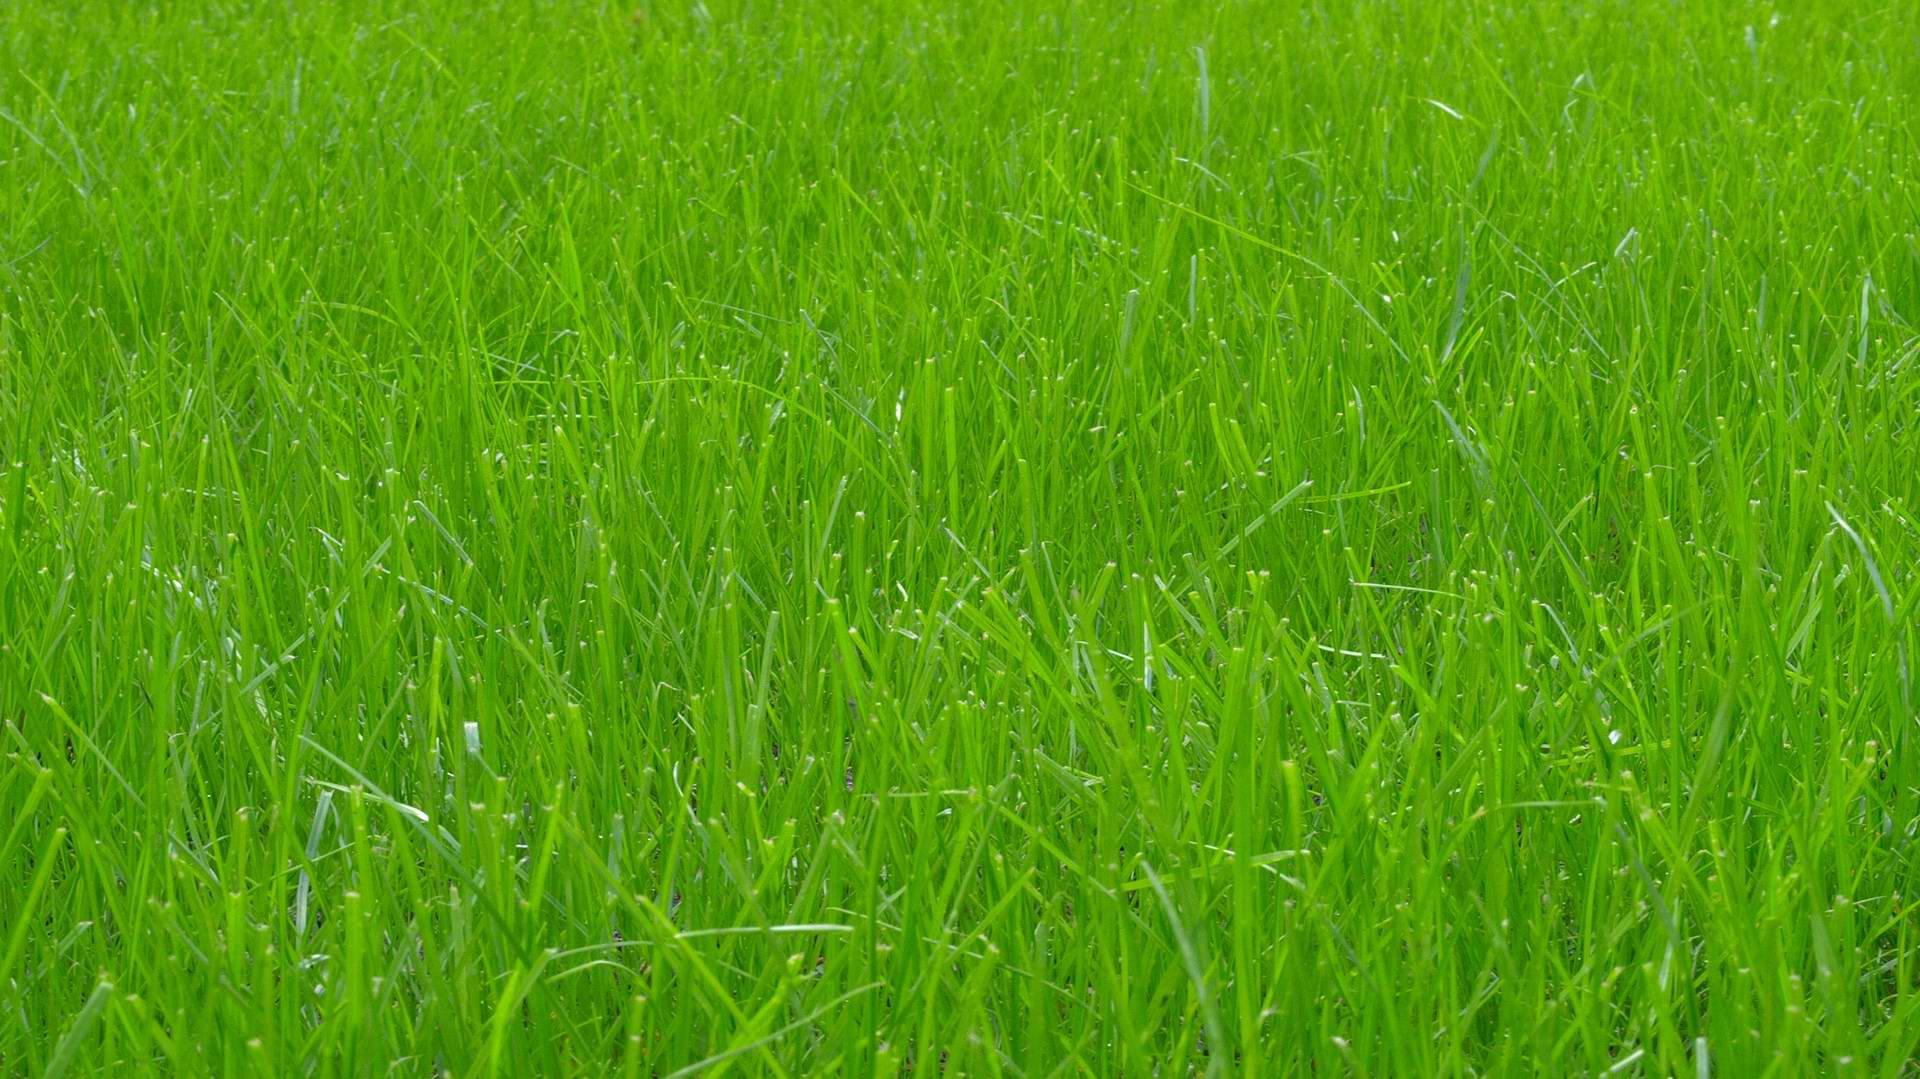 手机壁纸绿色护眼风景 绿色护眼大自然风景电脑桌面壁纸 _壁纸素材_百